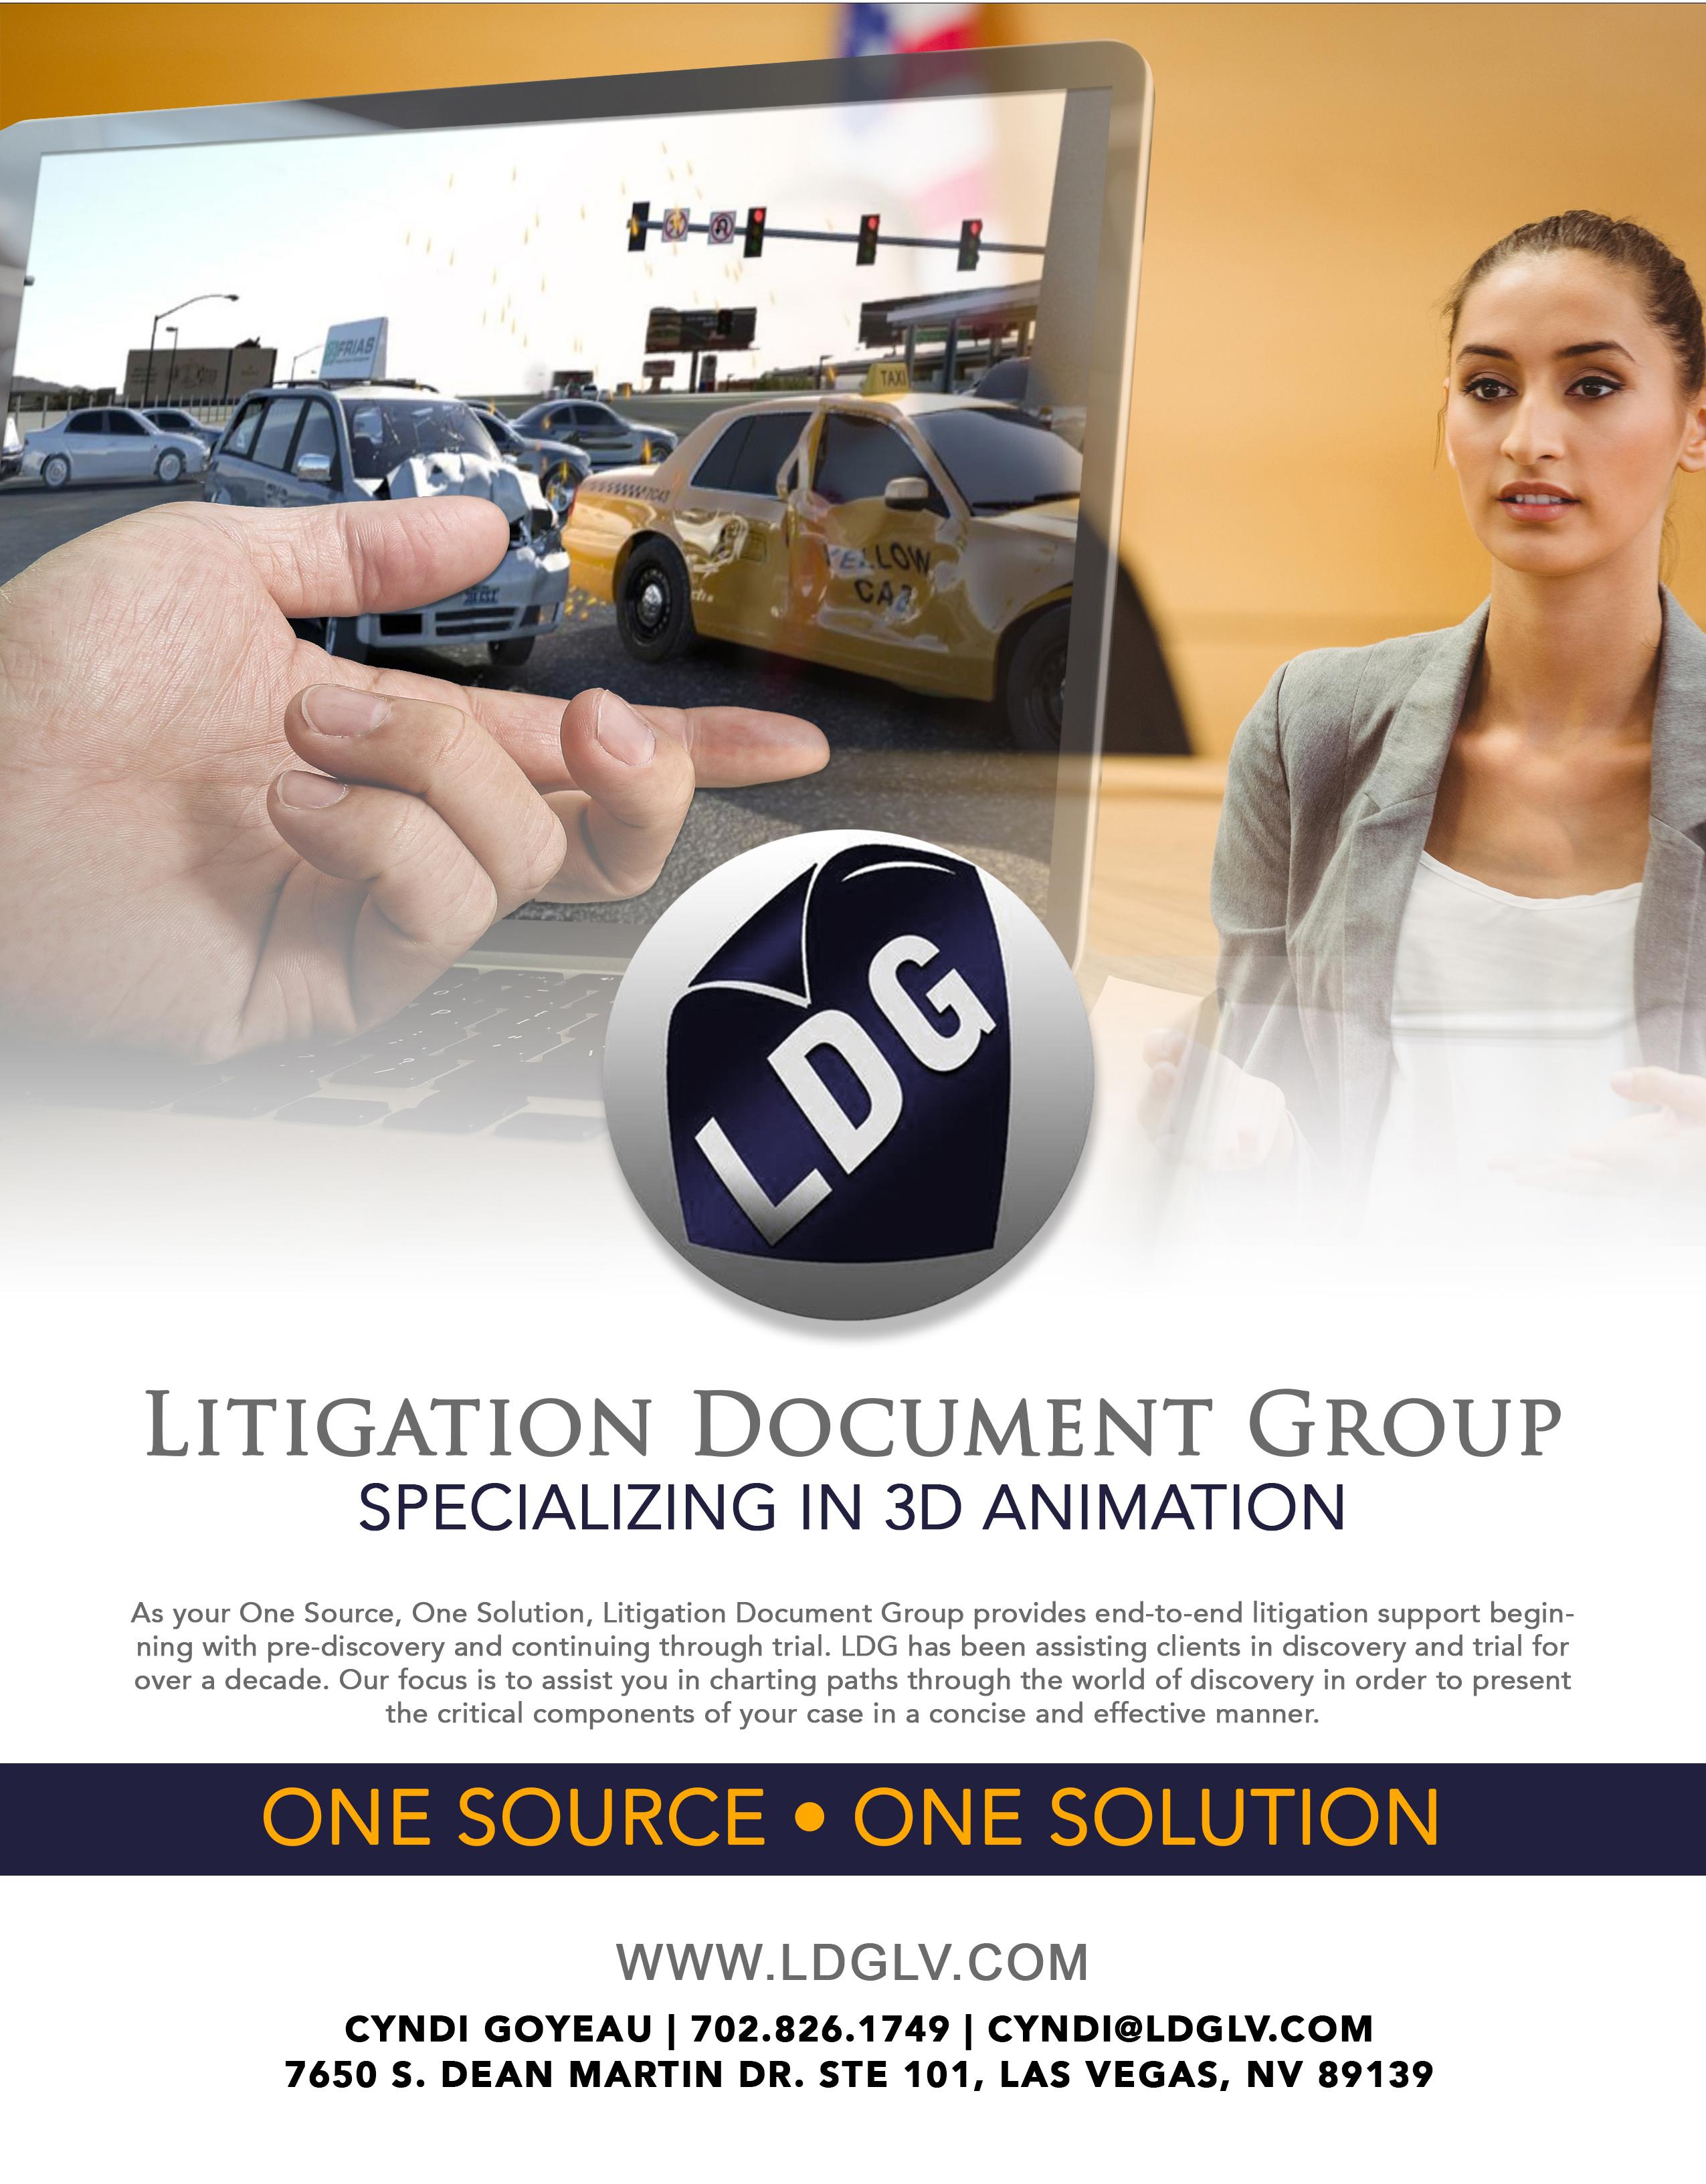 3D Animation - Litigation Document Group